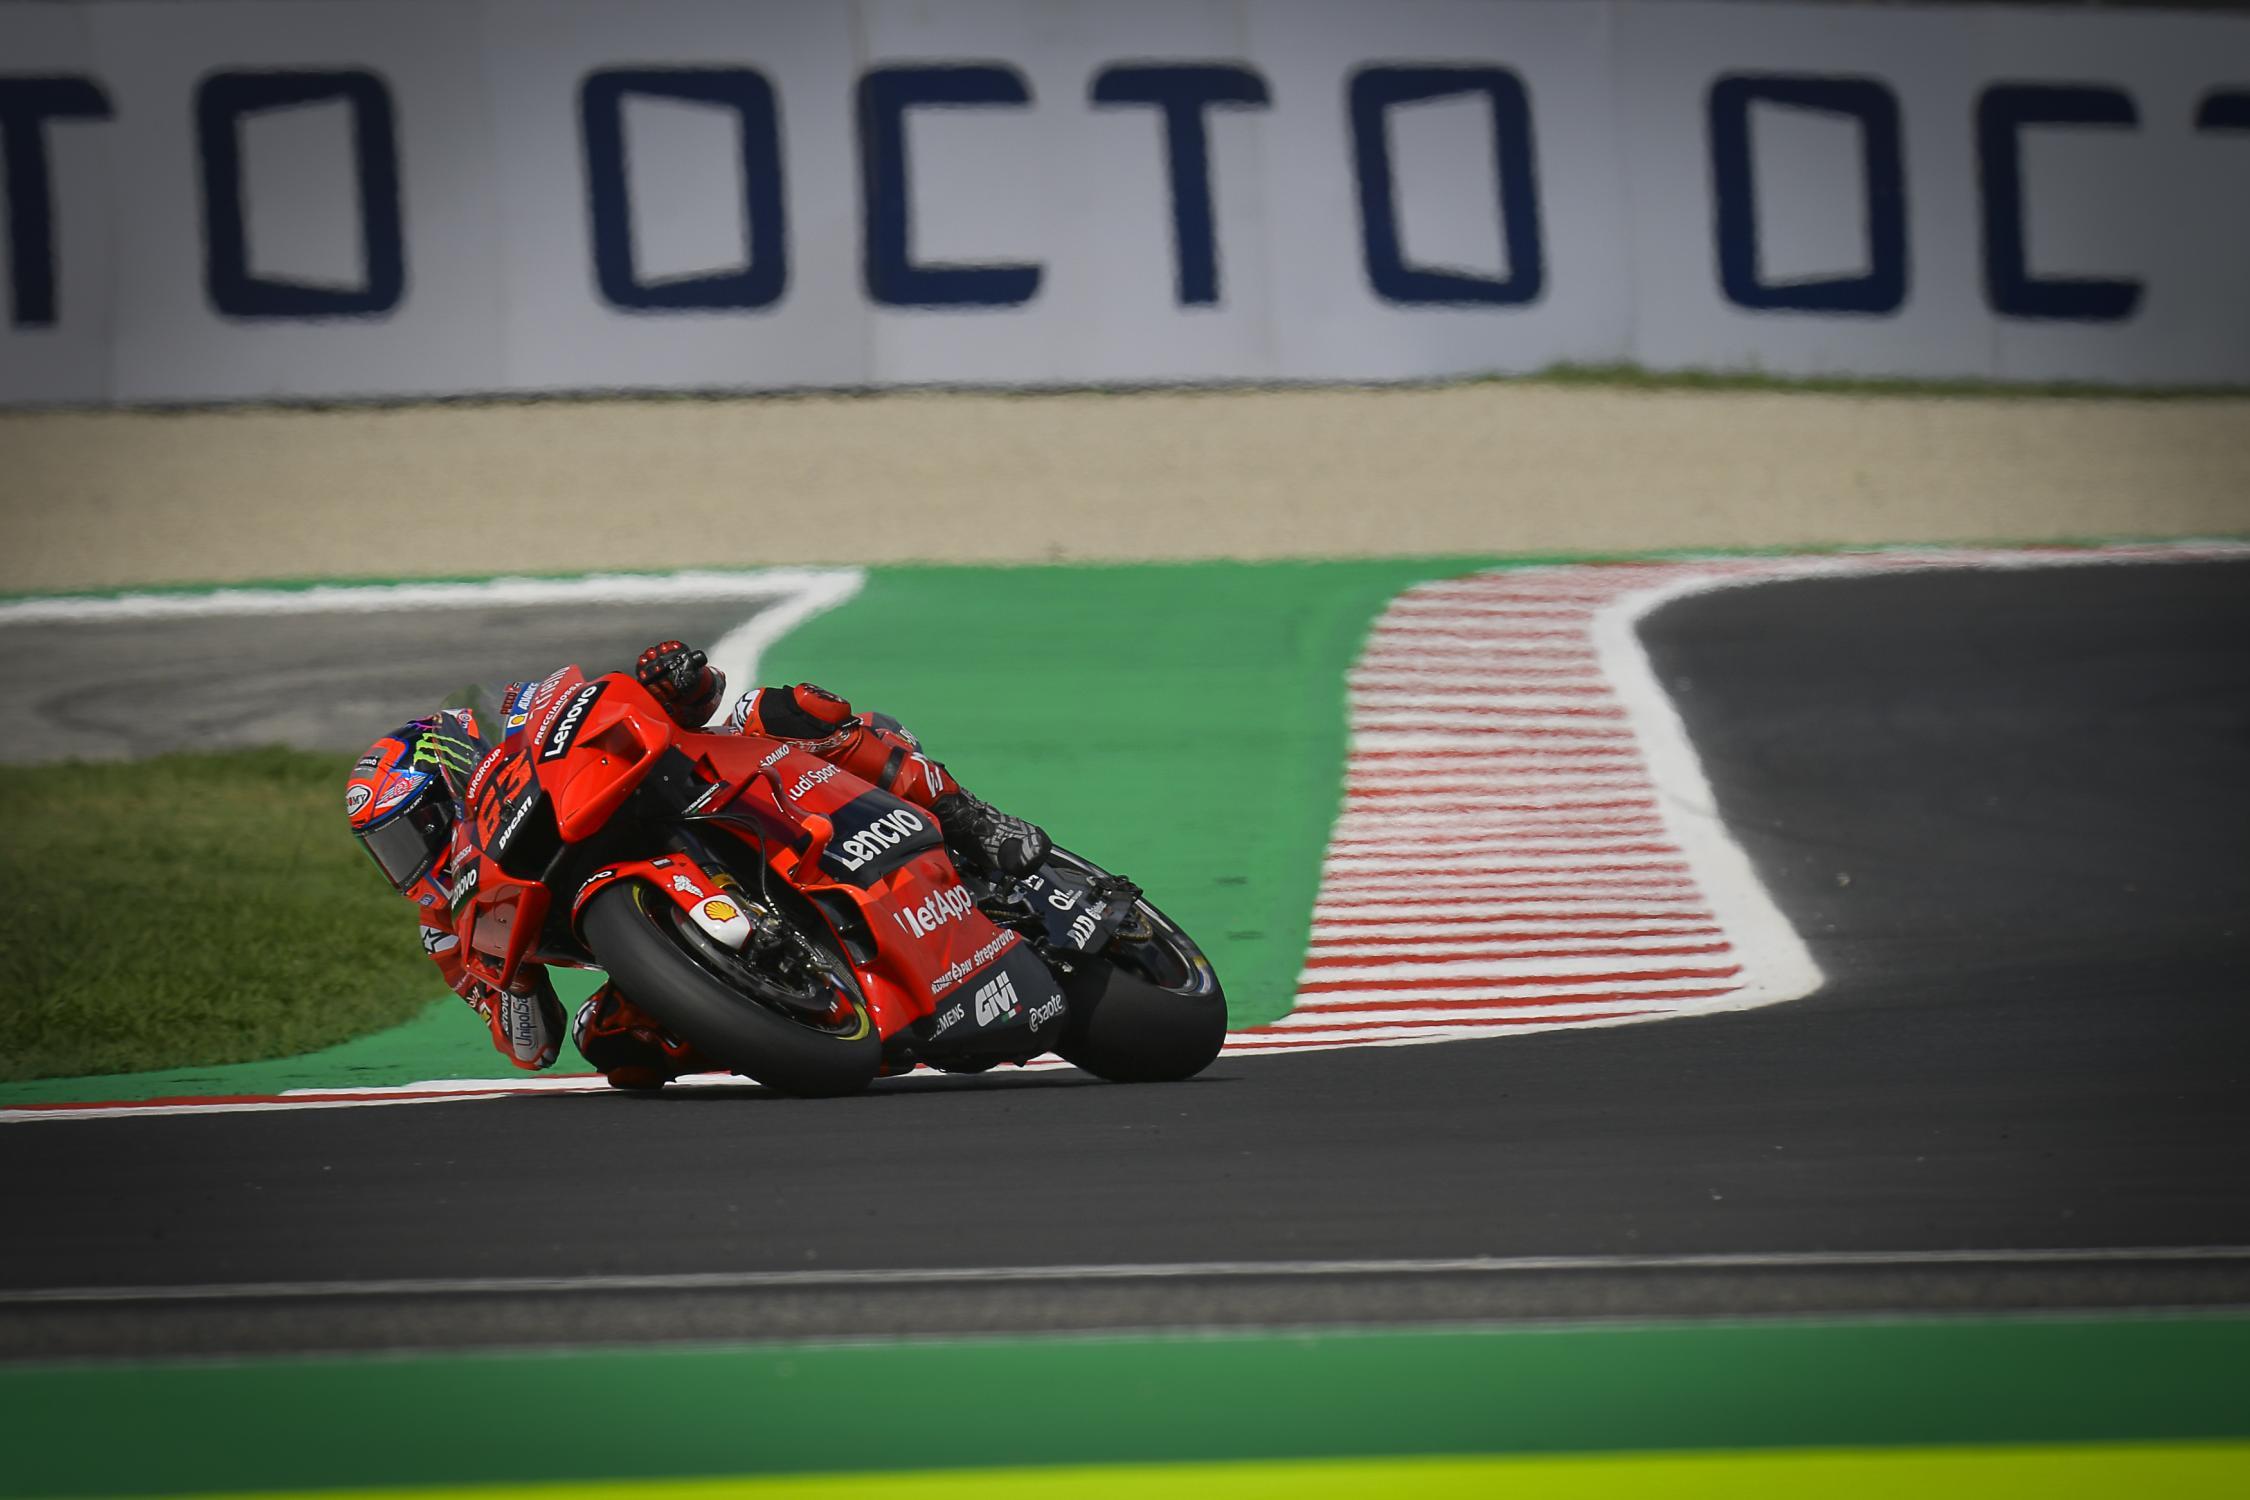 Qualifica, Gp di San Marino: Bagnaia in Pole Position, doppietta Ducati.